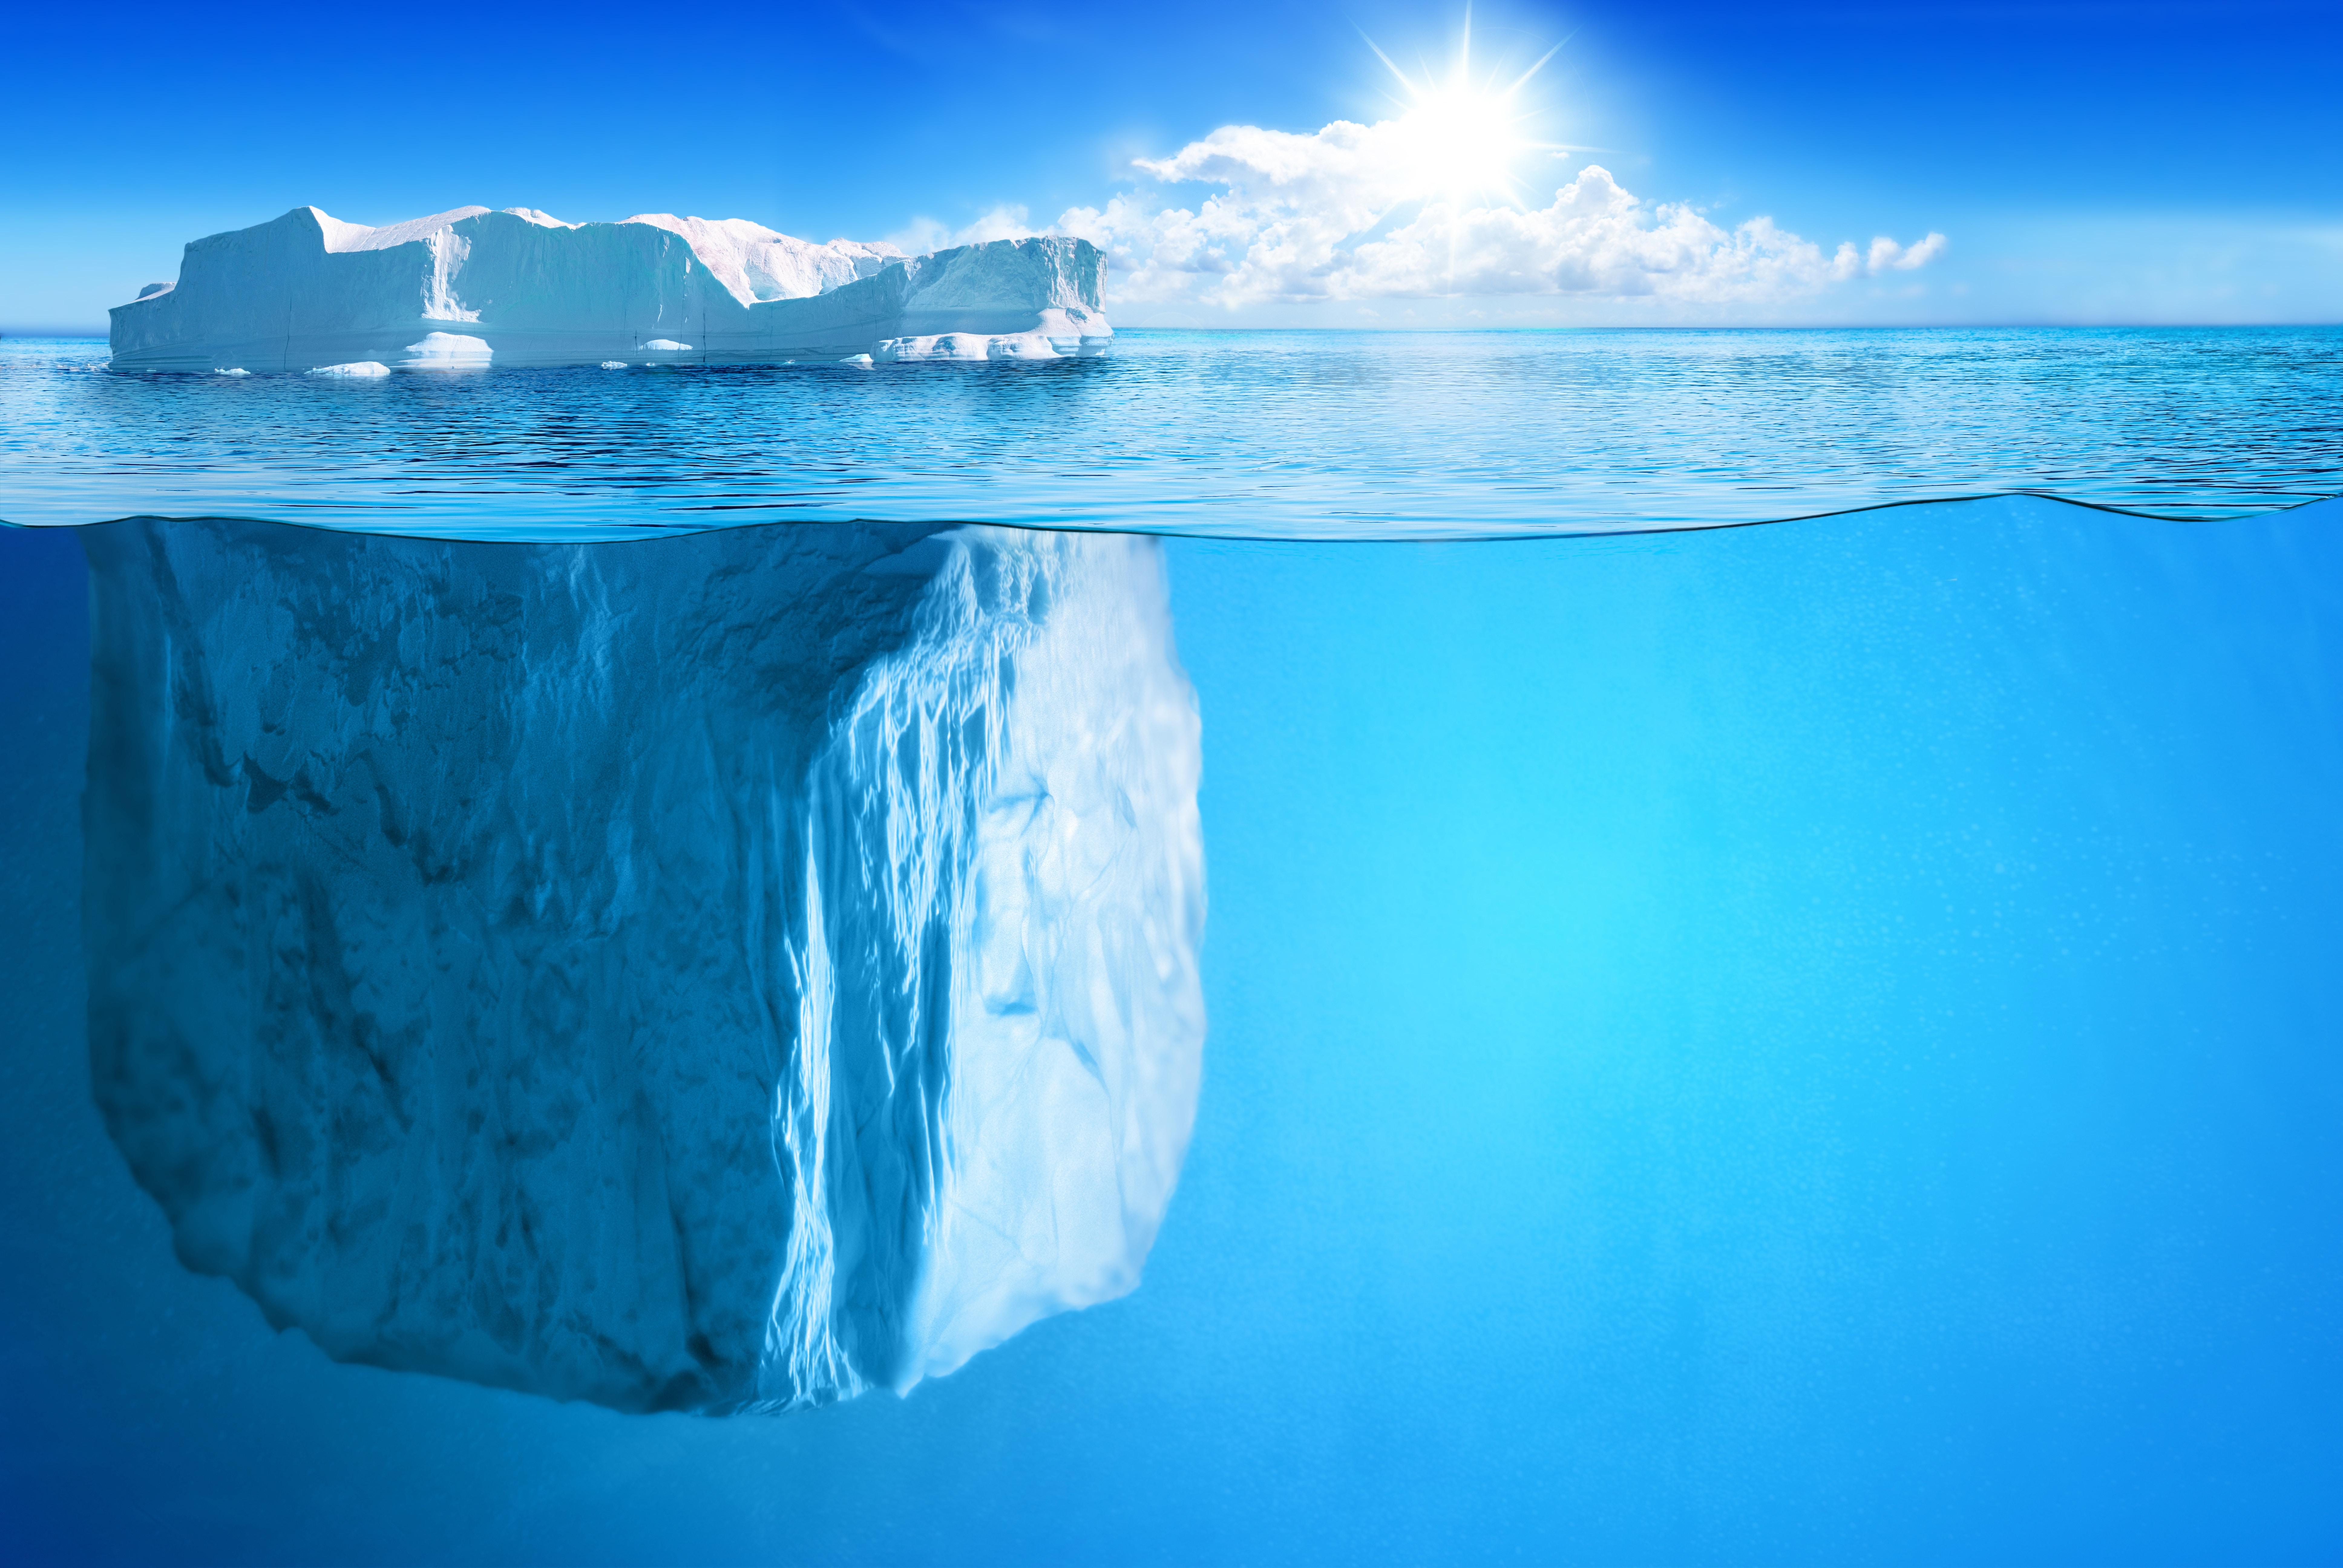 76068壁紙のダウンロード自然, 氷山, 地平線, 水中, ビーム, 光線, サン-スクリーンセーバーと写真を無料で